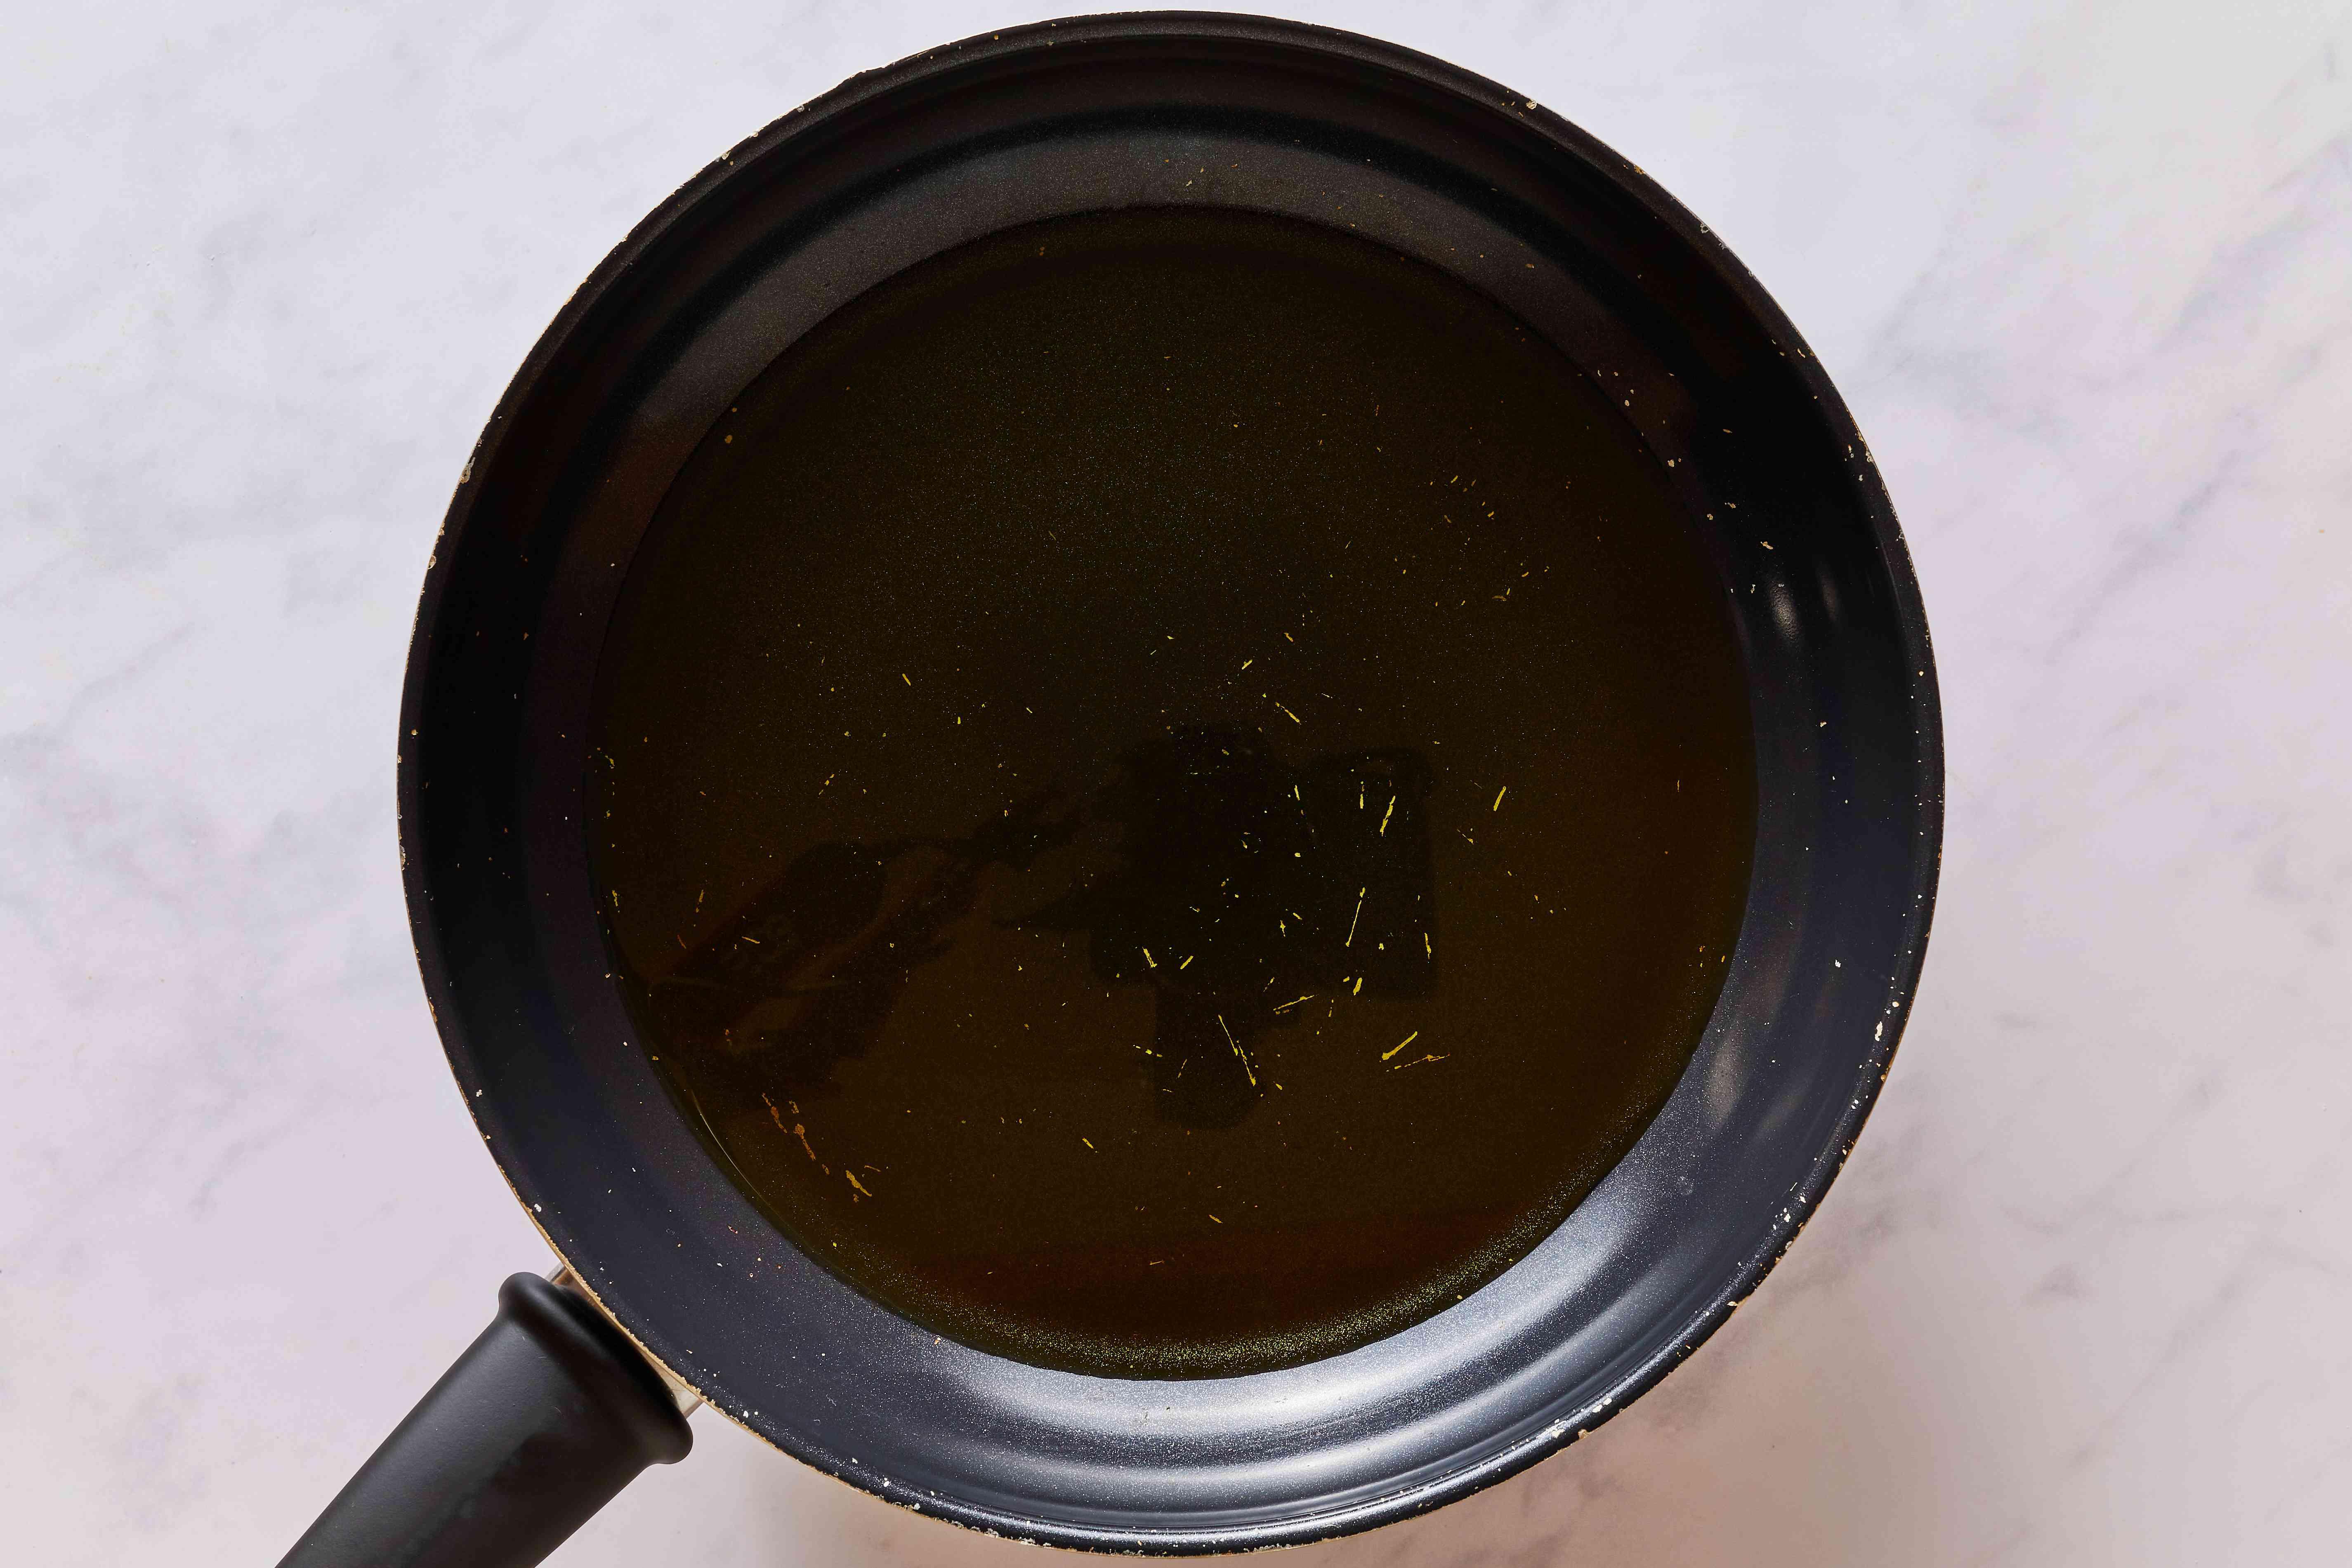 oil in a frying pan